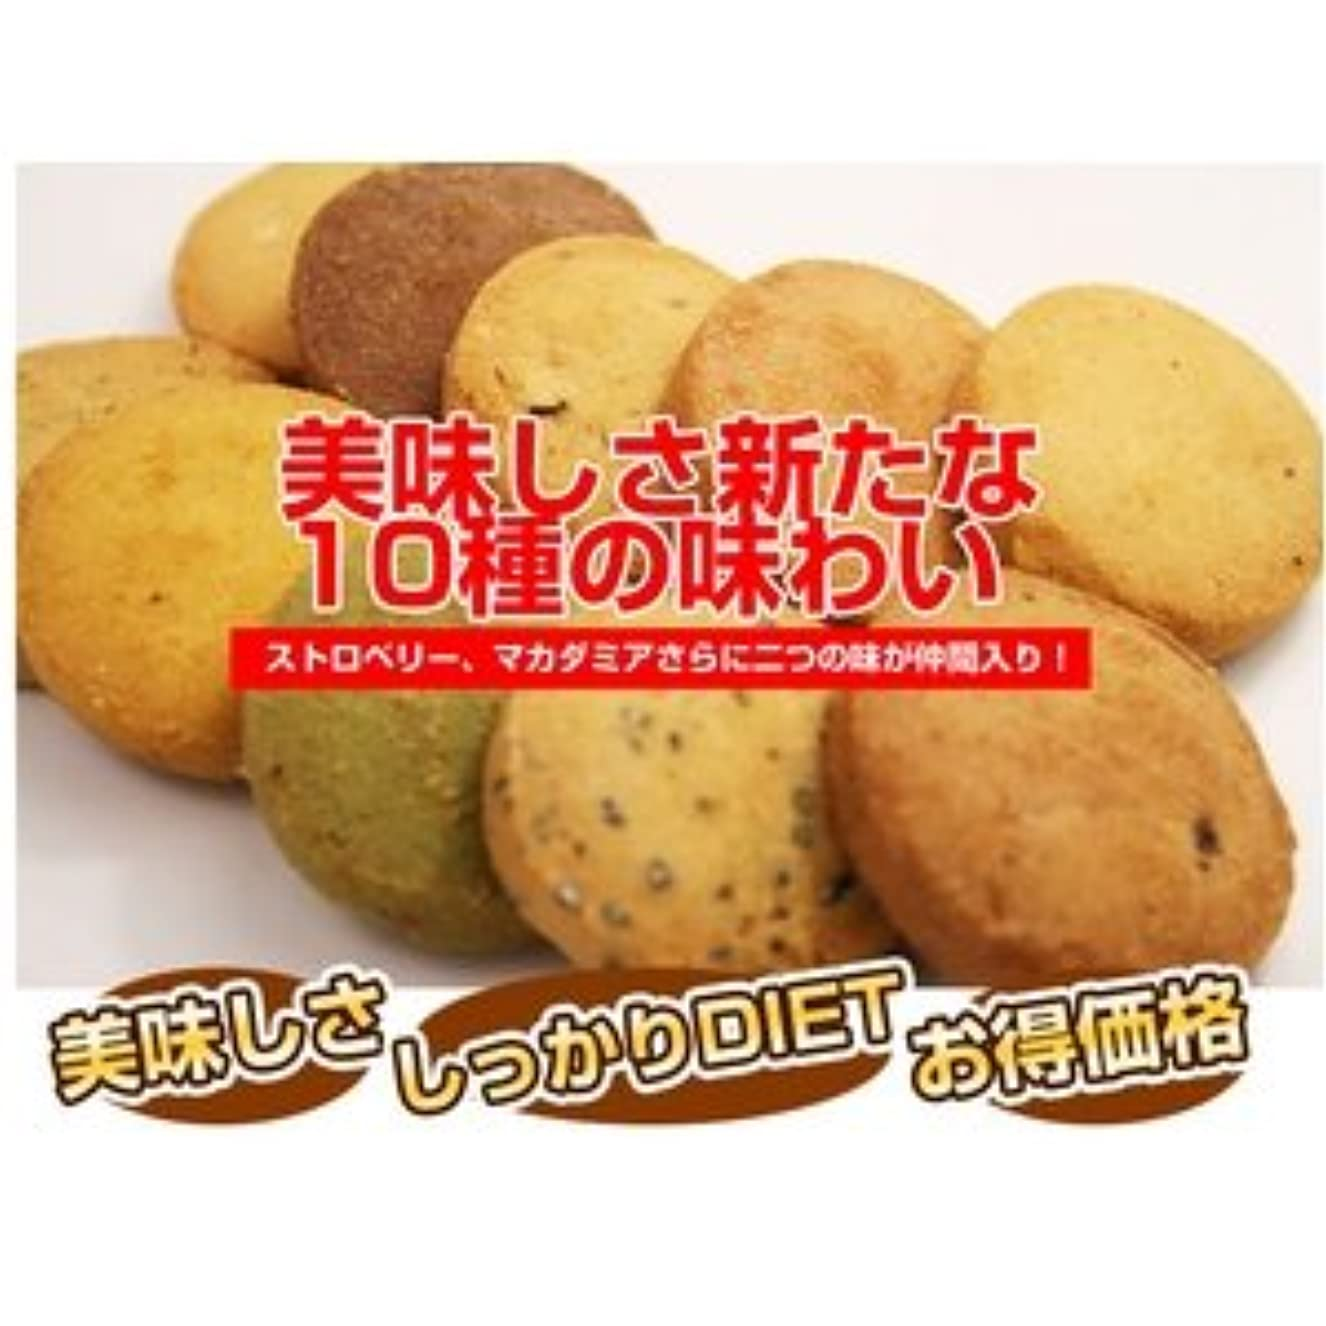 イースター雨の重力10種の豆乳おからクッキー 1kg(500g×2)